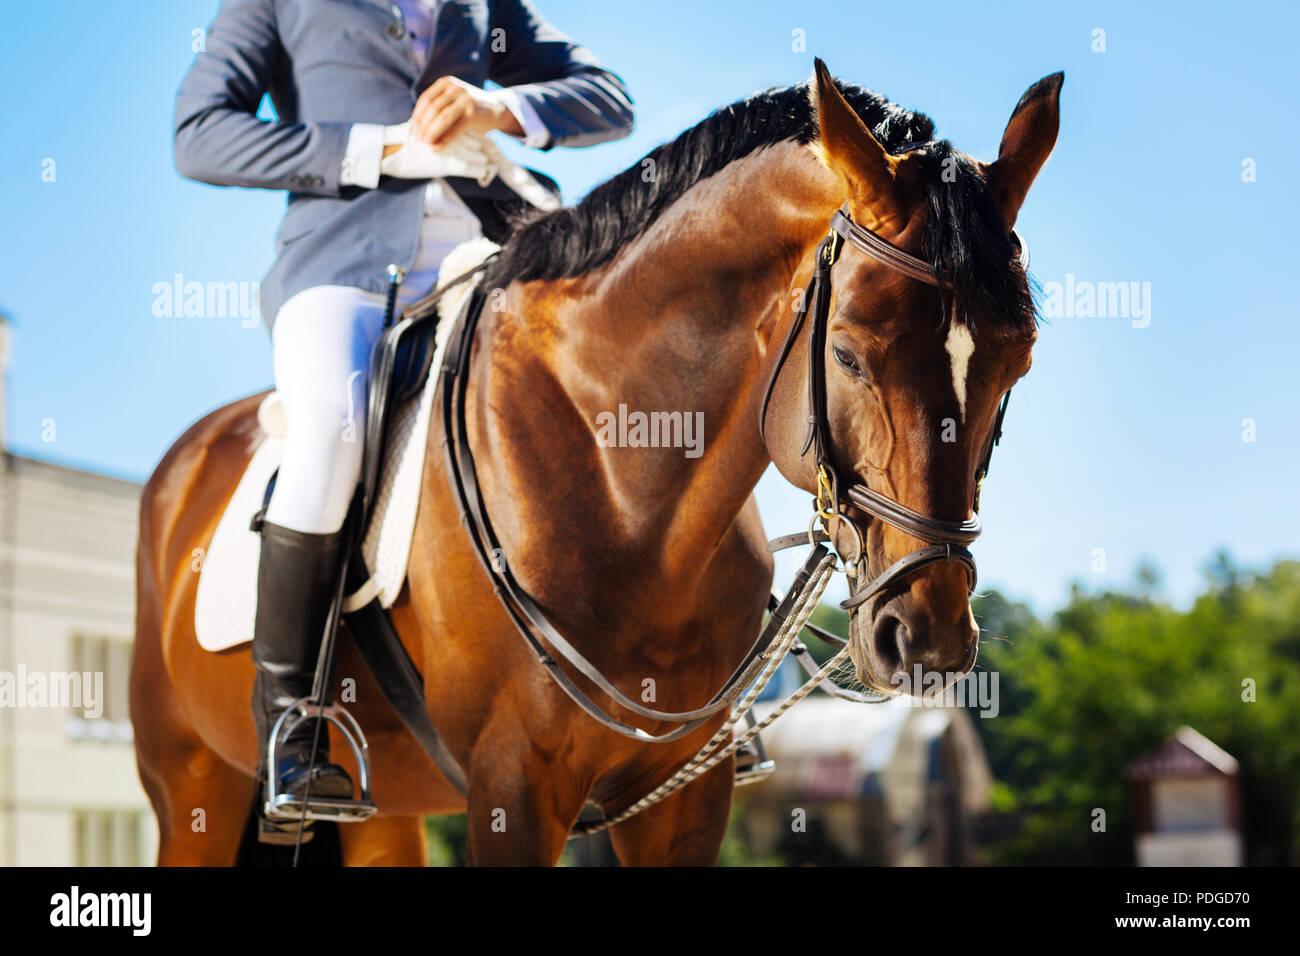 Professional horseman Mettere guanti blu su mentre di equitazione Immagini Stock